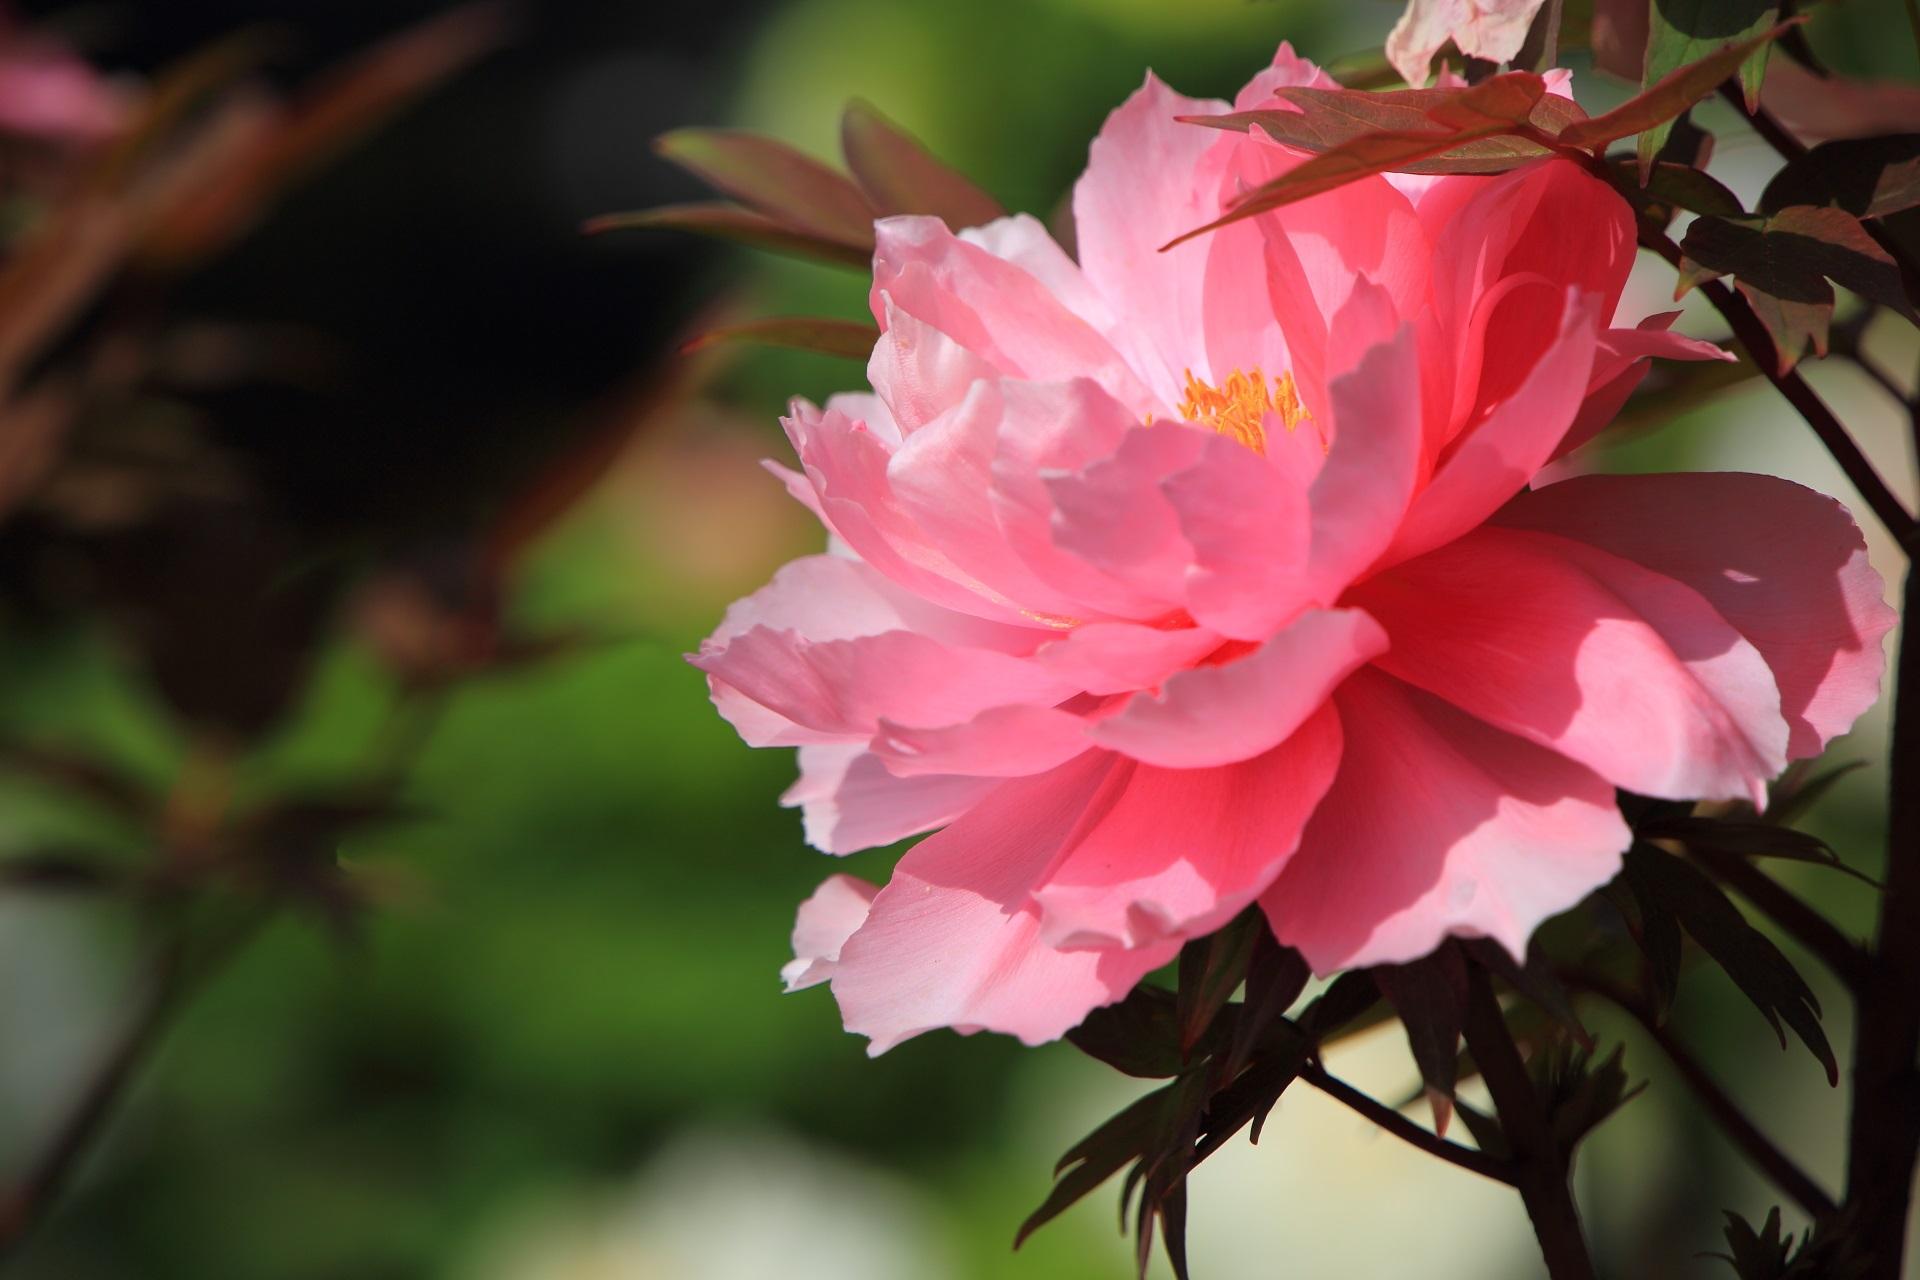 可愛いピンク色の牡丹